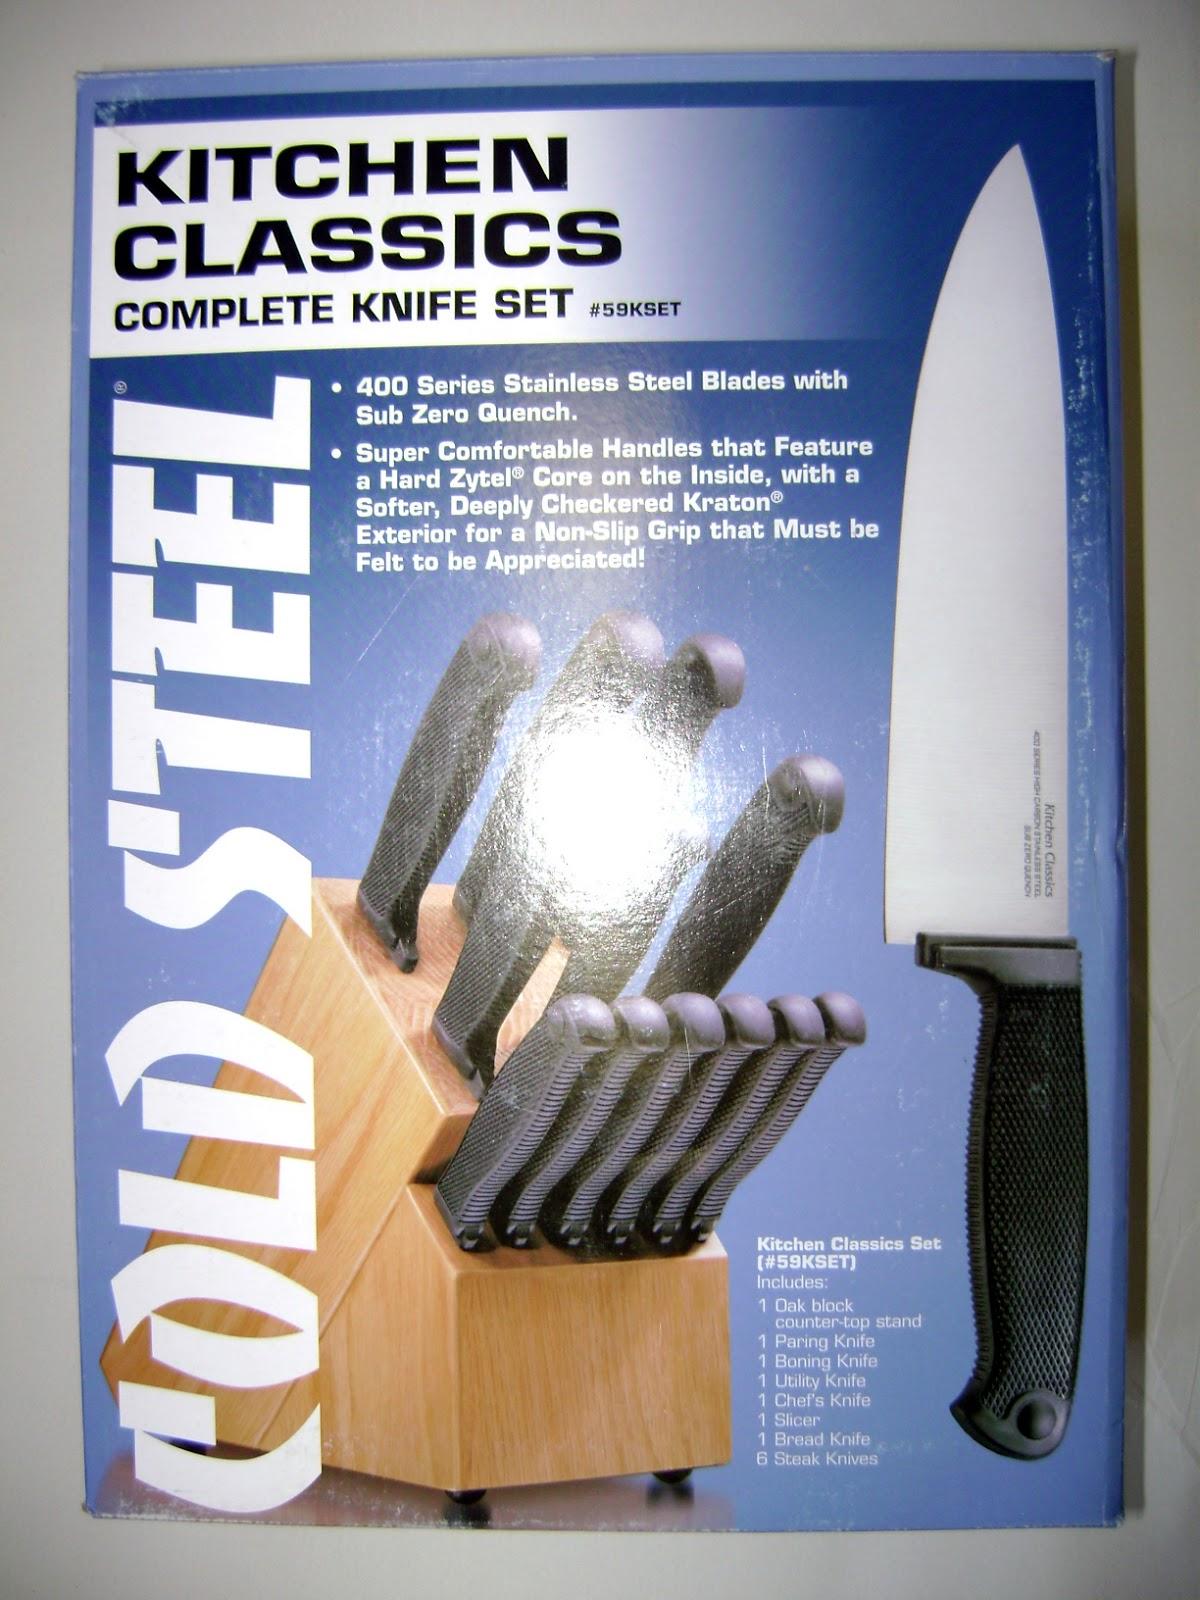 skl diy uptown: cold steel kitchen classic knife set 59k set